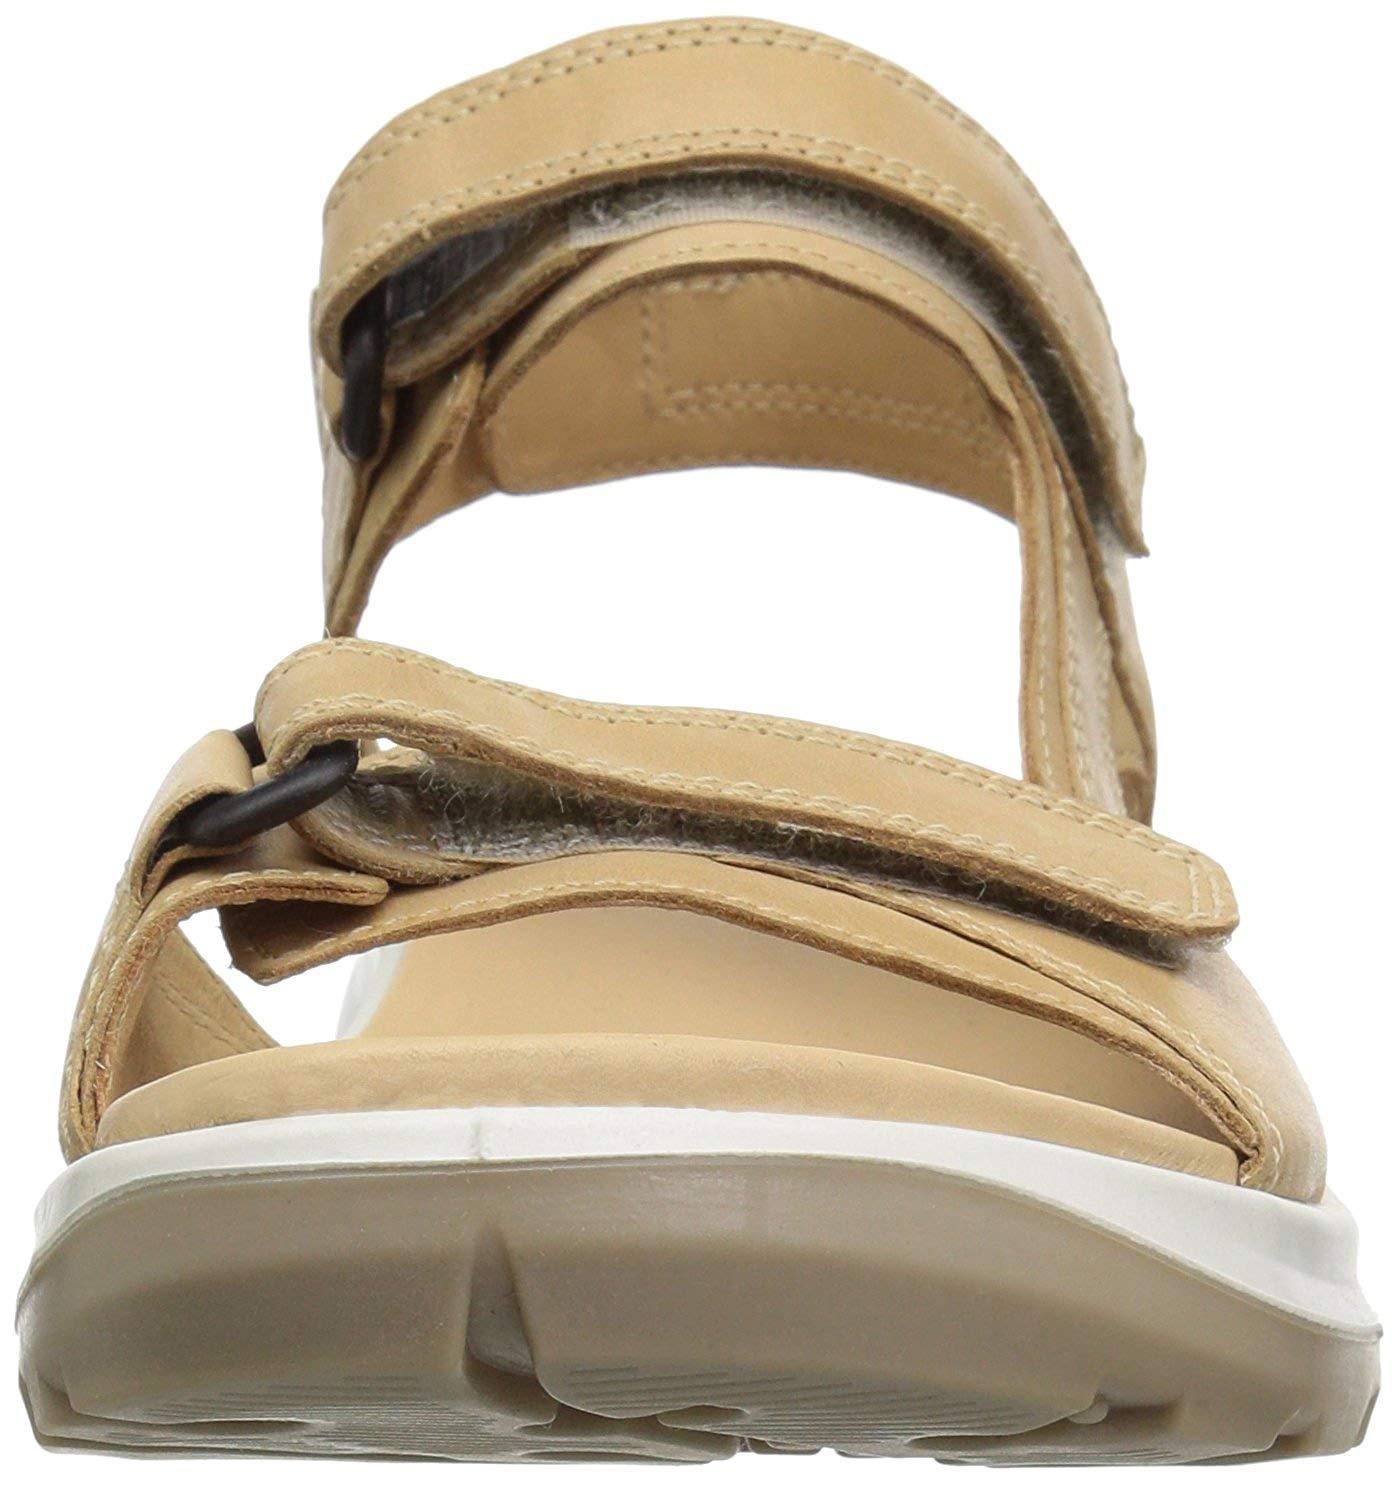 7fc6b636a394 ECCO Womens Yucatan Sandal Fabric Low Top Walking Shoes